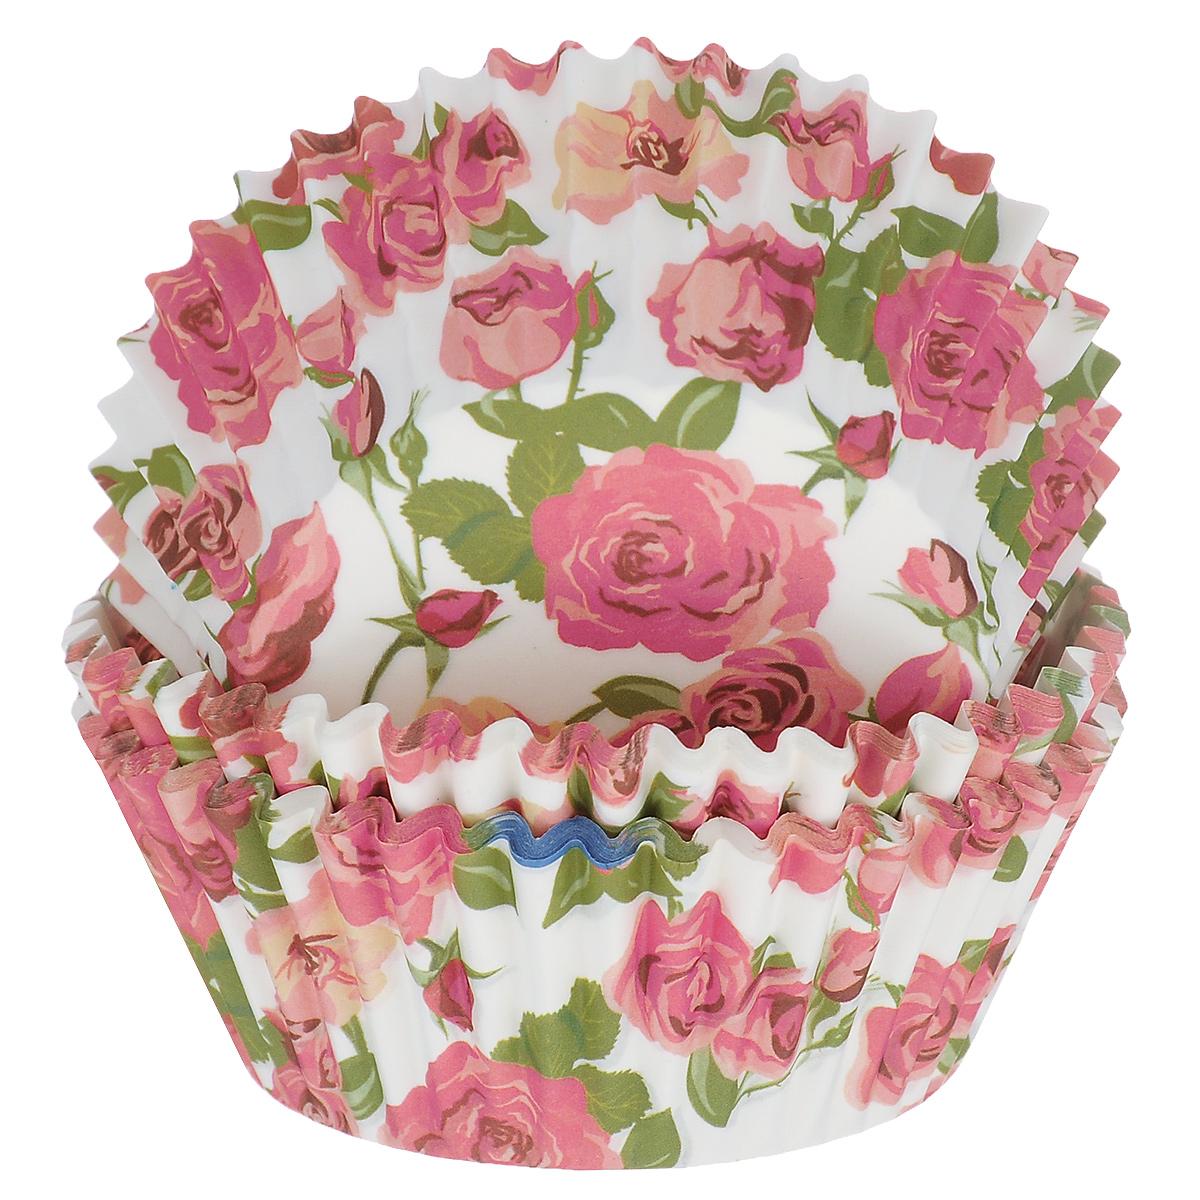 Набор бумажных форм для кексов Dolce Arti Розы, цвет: белый, розовый, диаметр 5 см, 50 шт54 009312Набор Dolce Arti Розы состоит из 50 бумажных форм для кексов, оформленных красочным изображением роз. Они предназначены для выпечки и упаковки кондитерских изделий, также могут использоваться для сервировки орешков, конфет и много другого. Для одноразового применения. Гофрированные бумажные формы идеальны для выпечки кексов, булочек и пирожных.Высота стенки: 3 см. Диаметр (по верхнему краю): 7 см.Диаметр дна: 5 см.